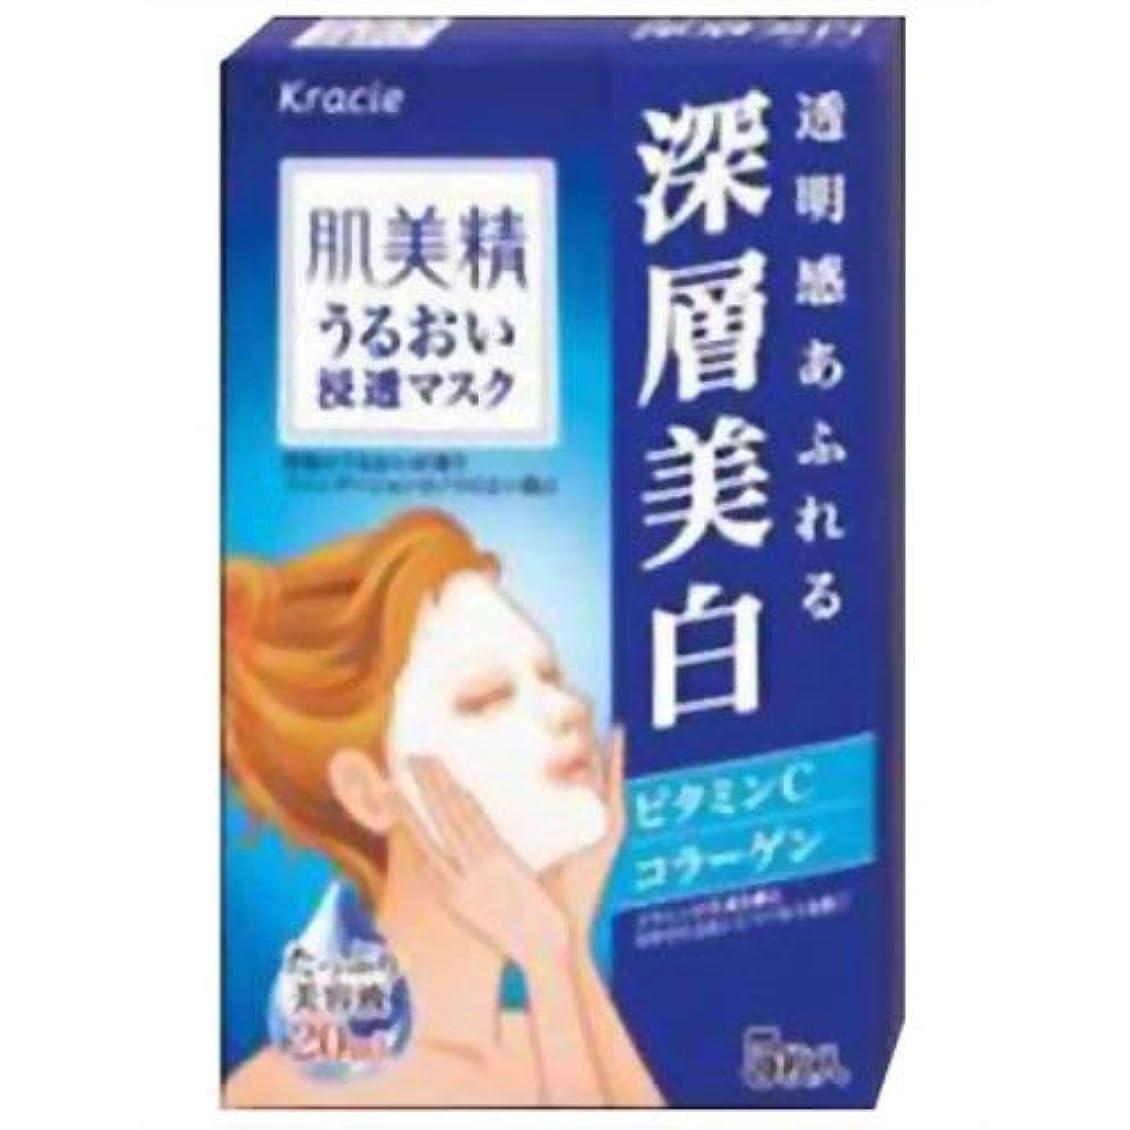 置くためにパック鼻コーヒー肌美精 うるおい浸透マスク 深層美白タイプ 5枚入